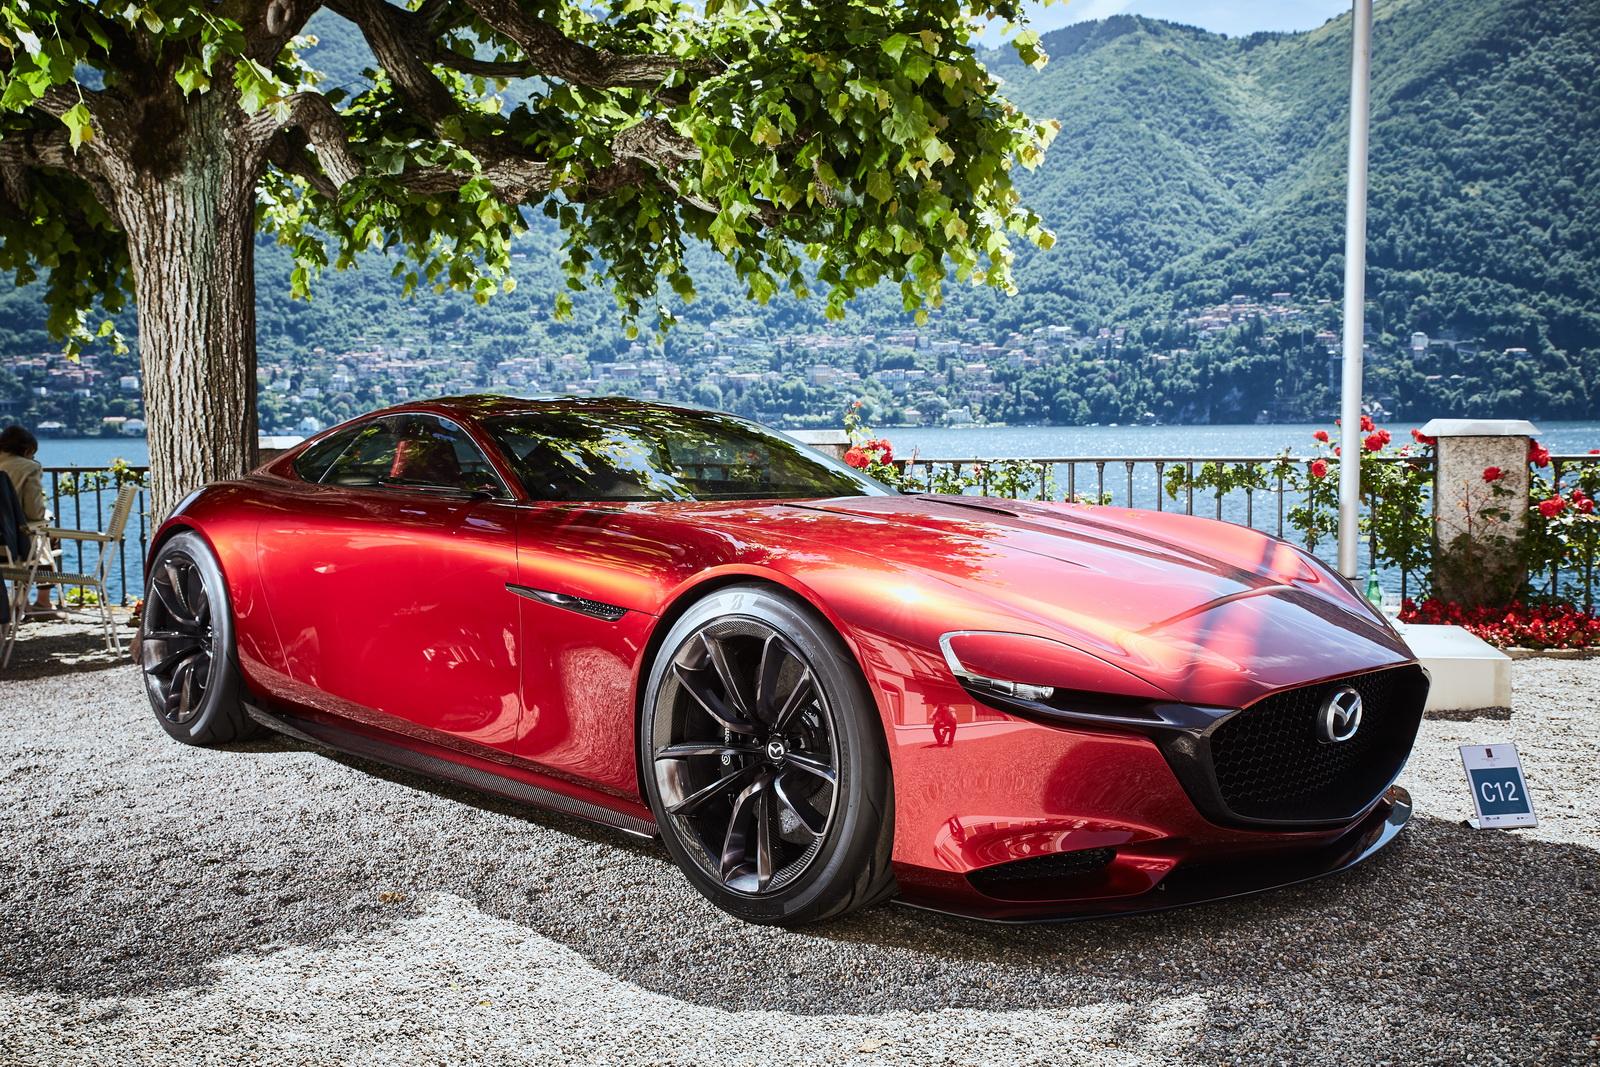 2019 Mazda RX-9